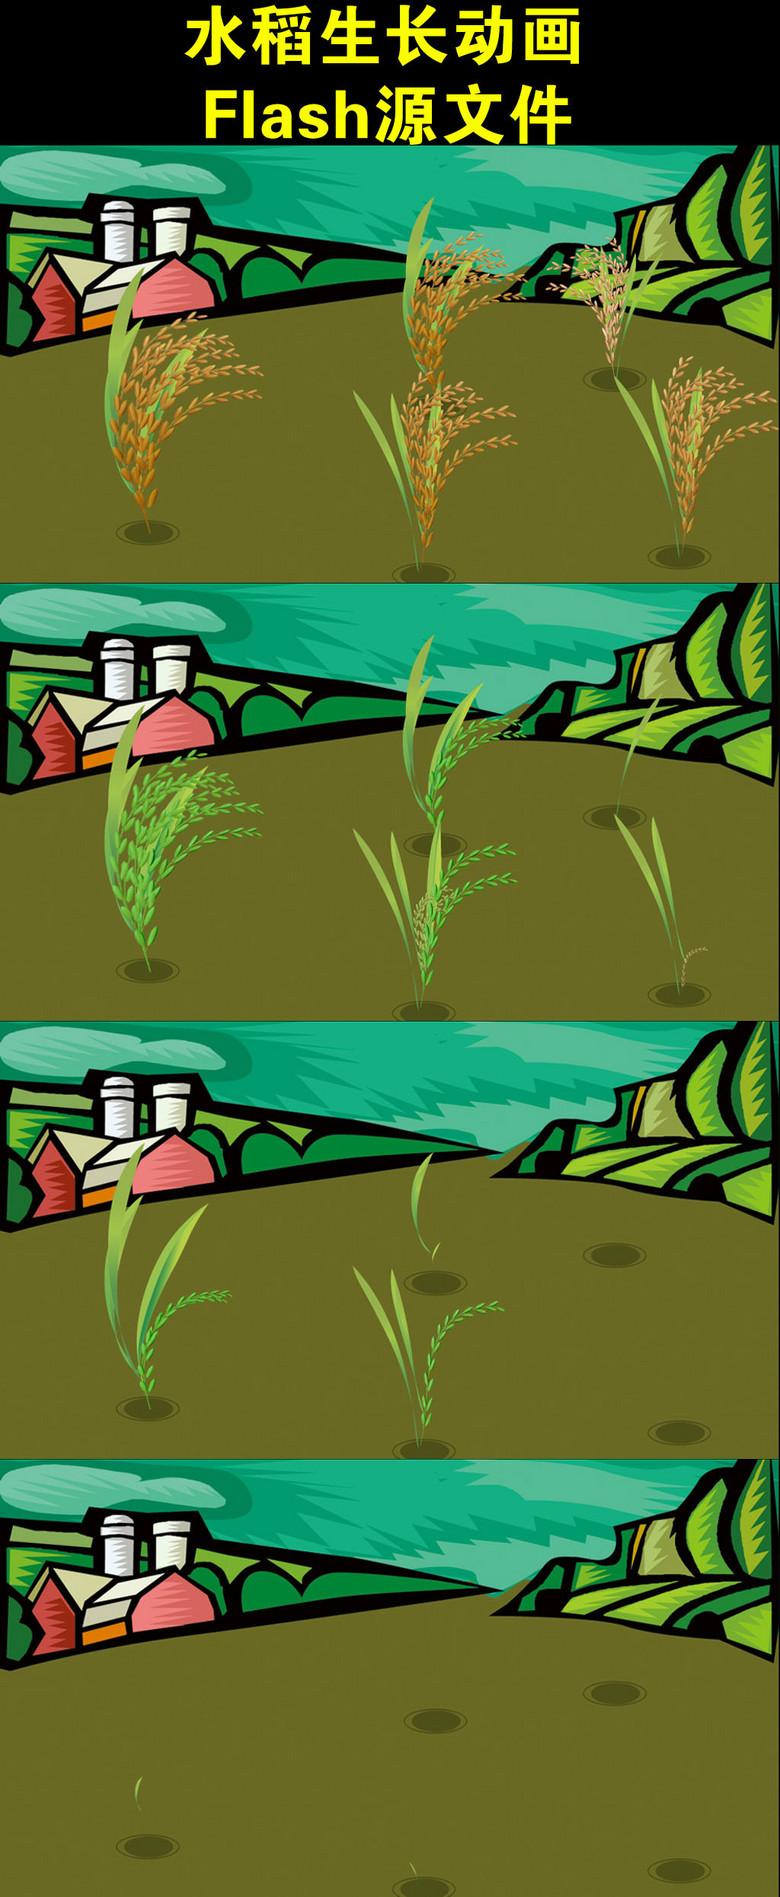 植物生长动画水稻生长过程动画演示图片